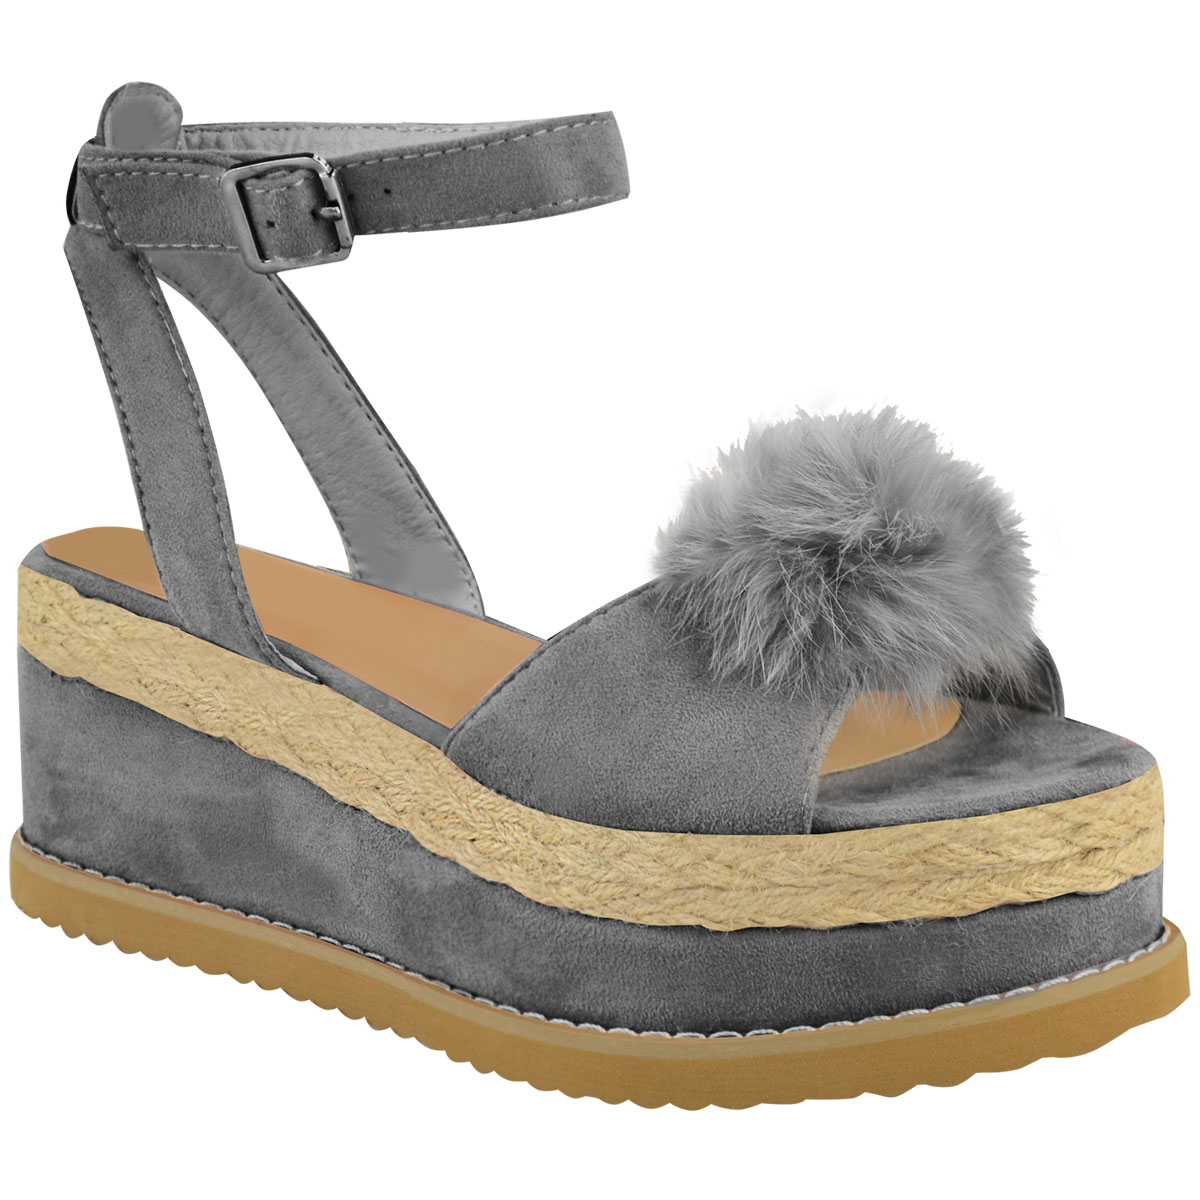 sandales compens es style espadrilles pompon bout ouvert femme ebay. Black Bedroom Furniture Sets. Home Design Ideas